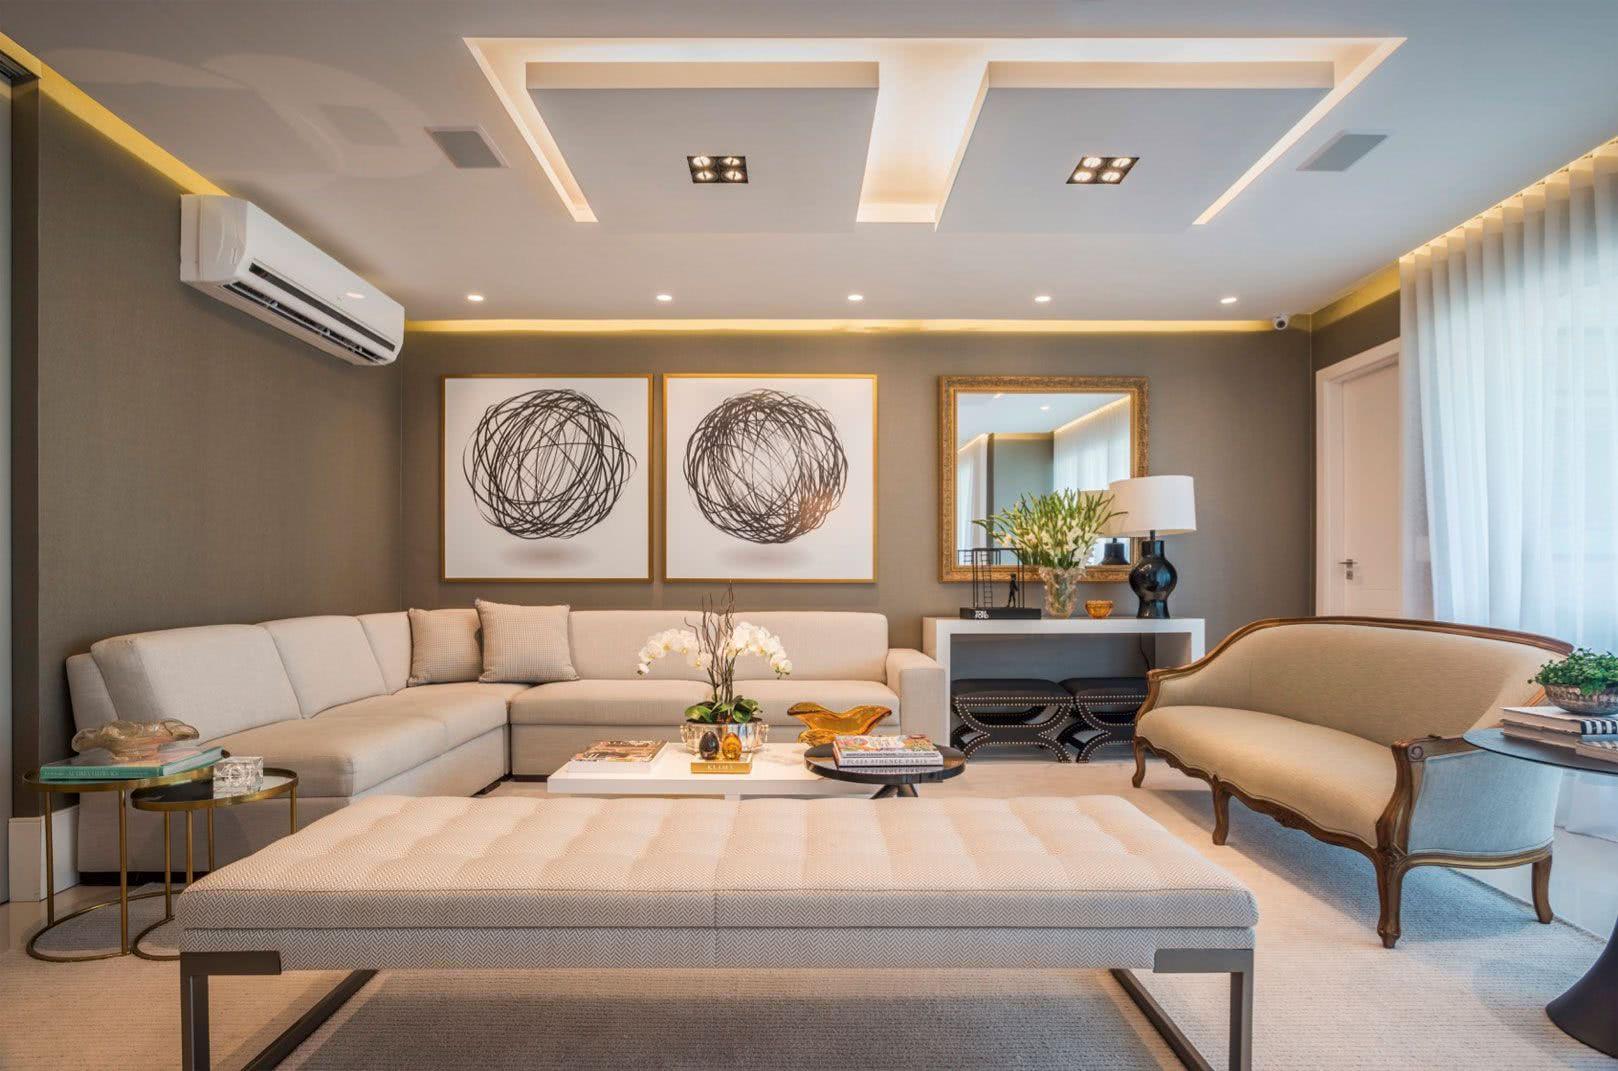 Iluminação difusa e indireta na sala de estar